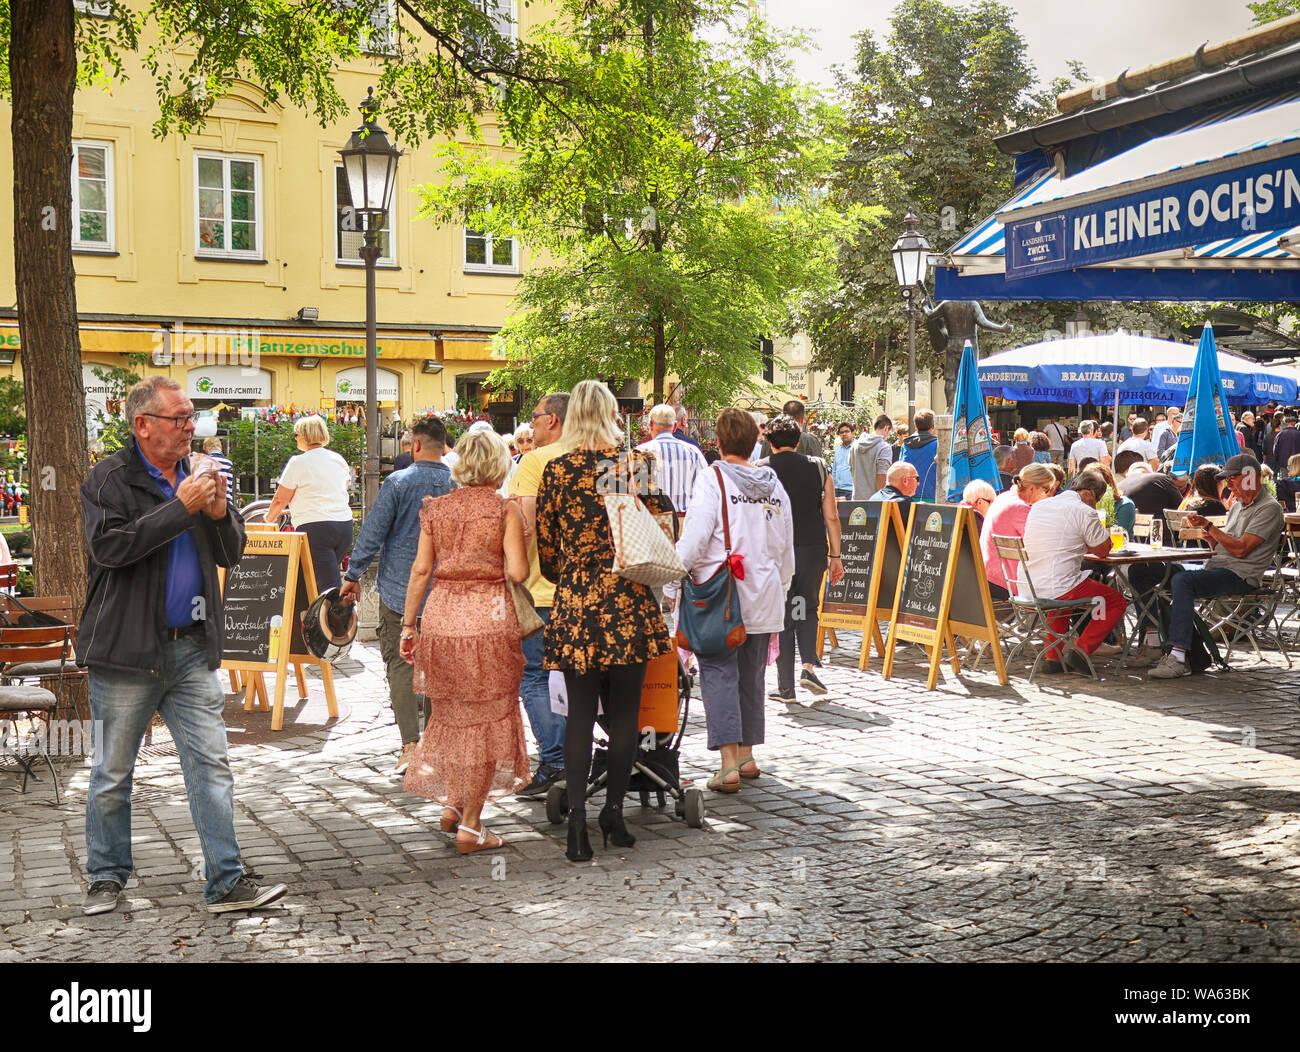 MUNICH, ALLEMAGNE - le 16 août 2019 des acheteurs locaux et touristes se mêlent ensemble au Viktualienmarkt, café en plein air et le marché en plein air de l'alimentation et de delic Banque D'Images